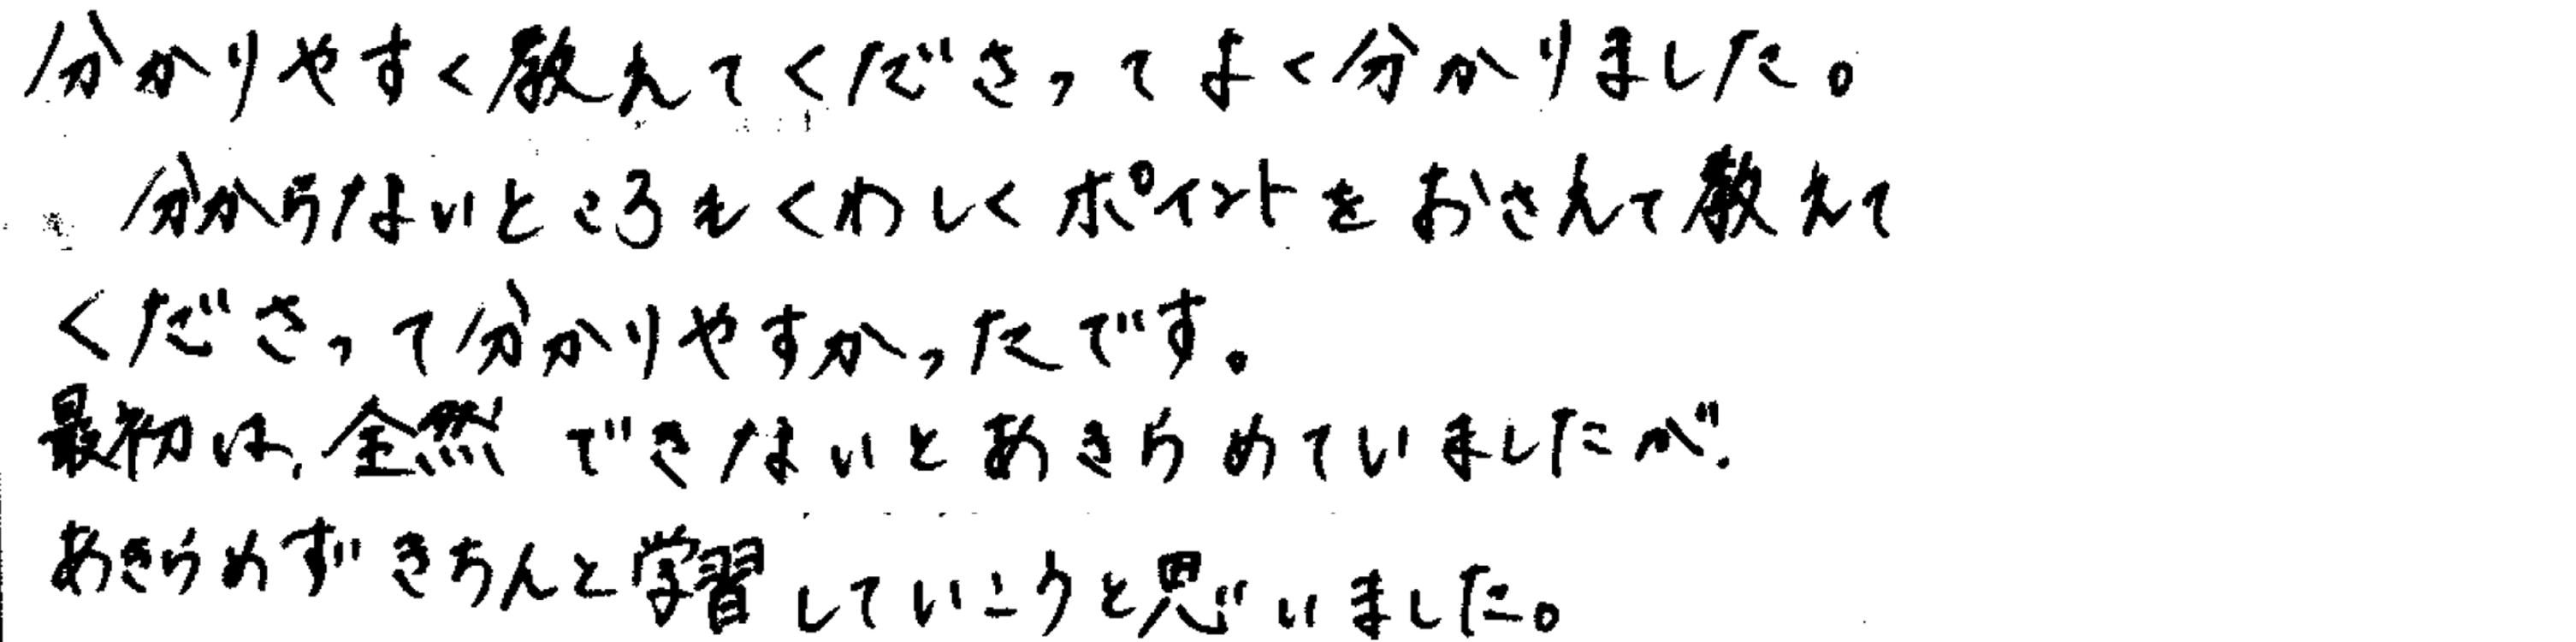 ちかちゃん         (下関市)からの口コミ